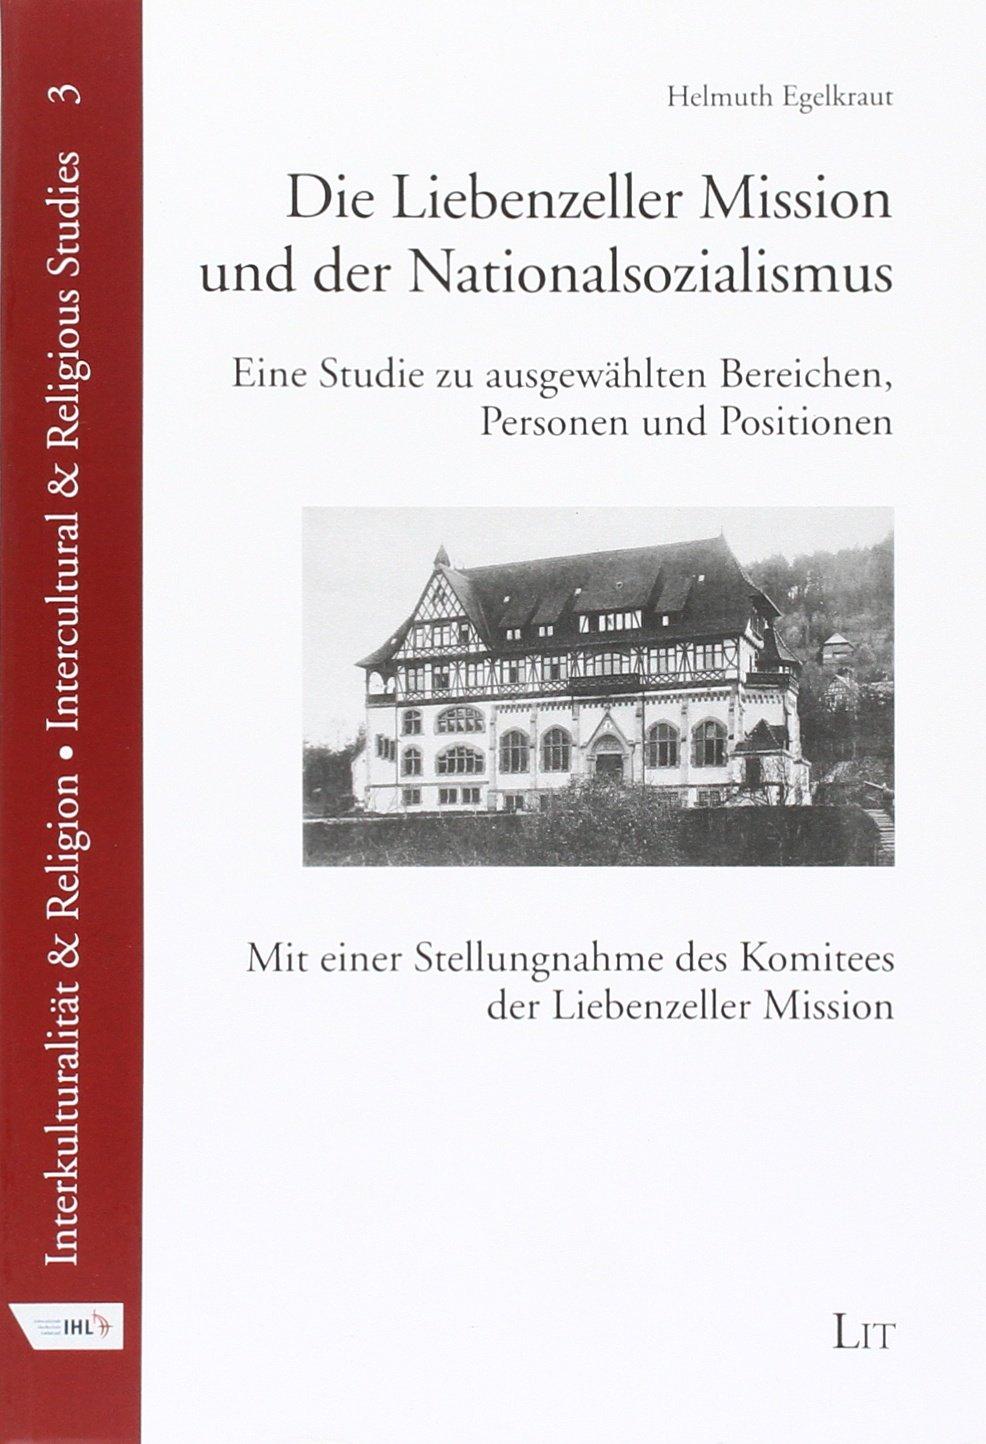 Die Liebenzeller Mission und der Nationalsozialismus: Eine Studie zu ausgewählten Bereichen, Personen und Positionen. Mit einer Stellungnahme des Komitees der Liebenzeller Mission